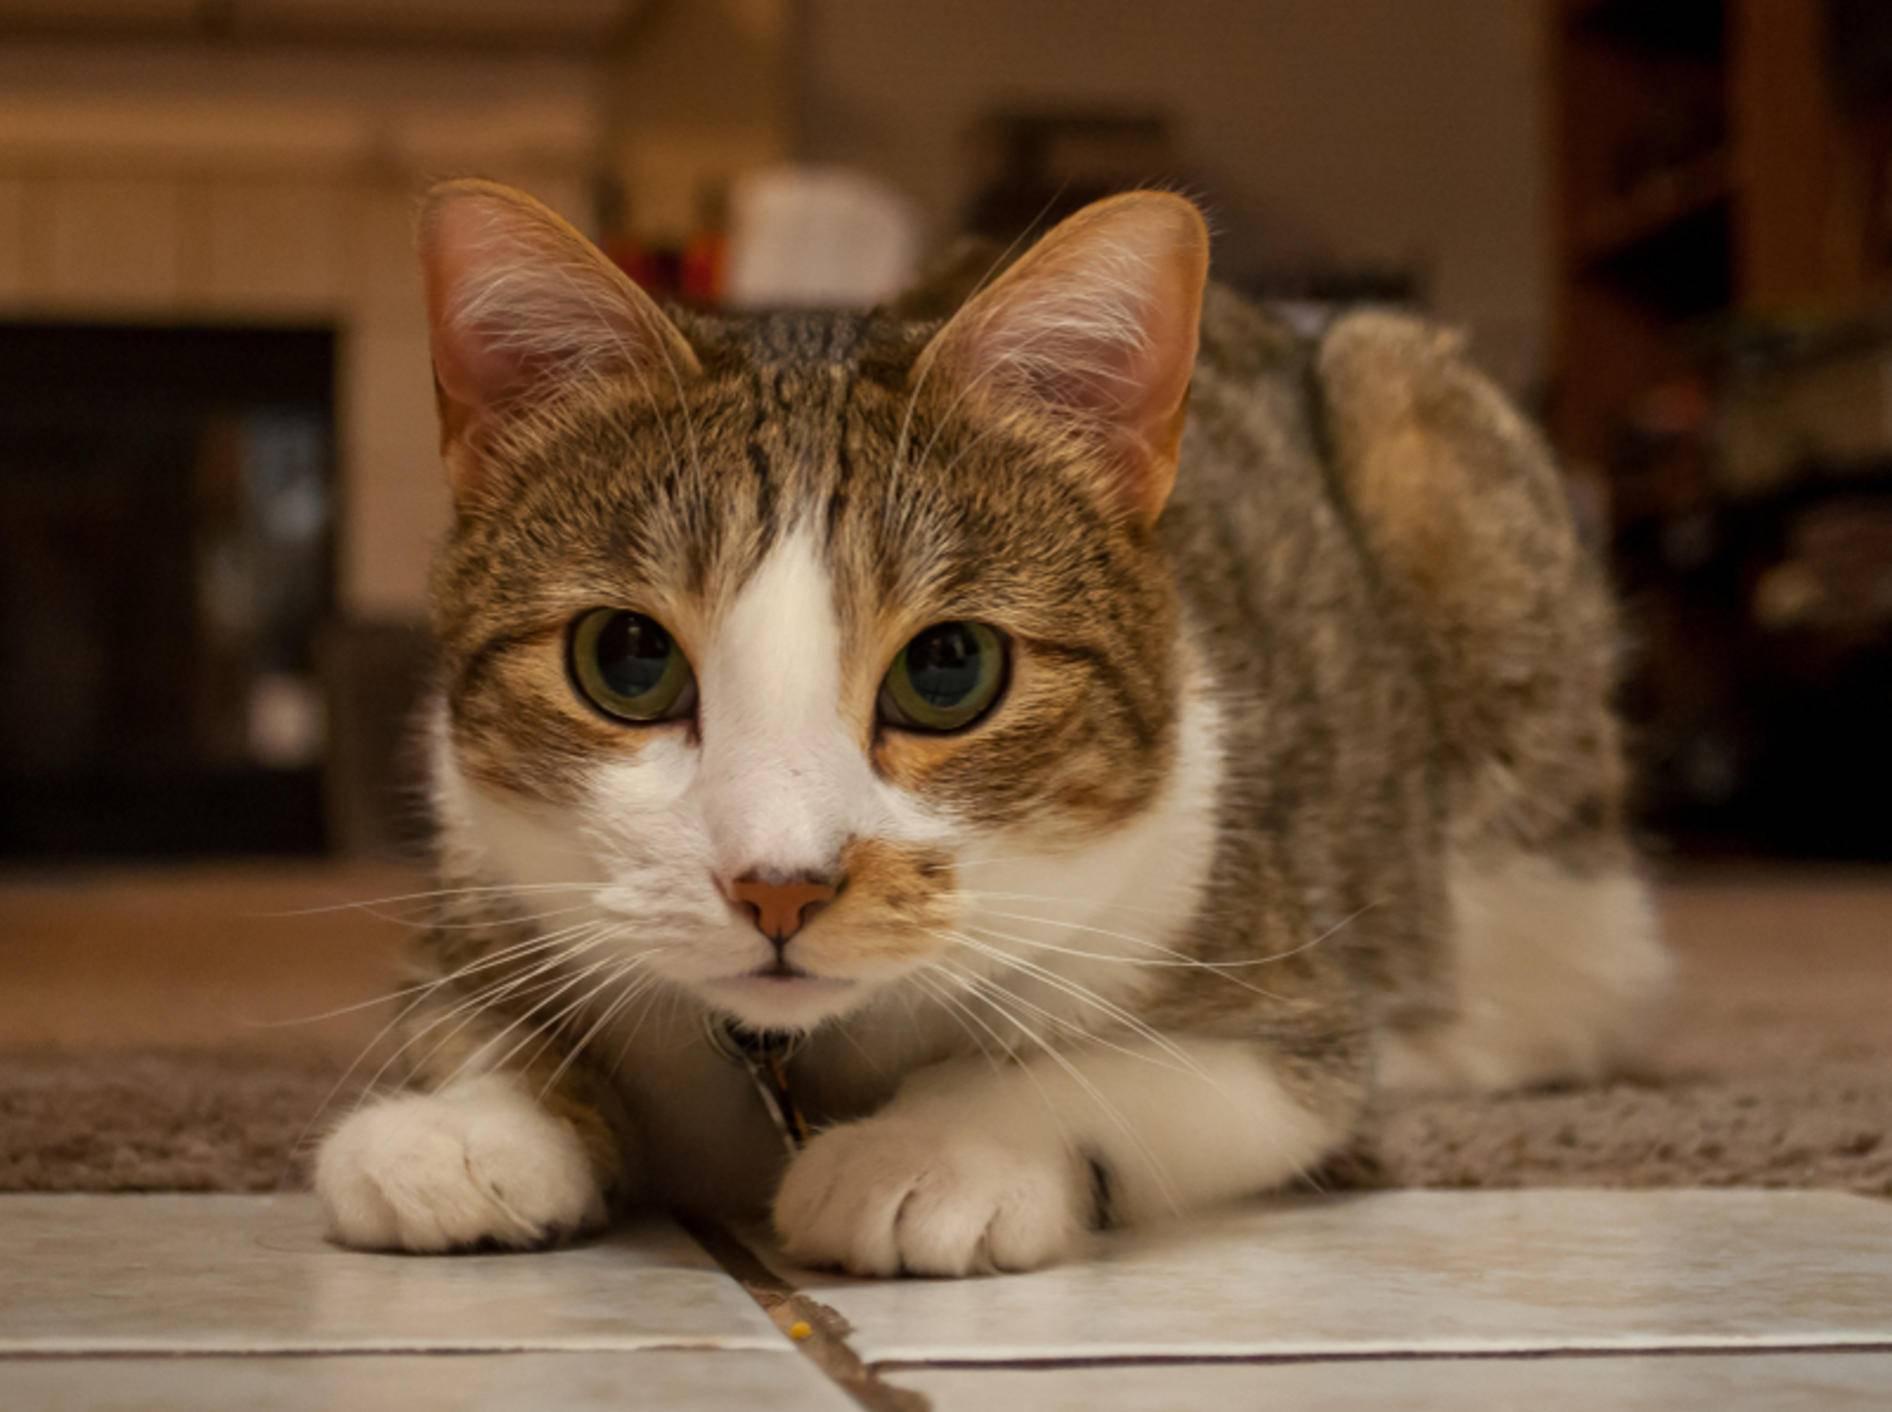 Im Gegensatz zu dieser gesunden Manx-Katze, haben Katzen mit Hydrozephalus meist größere Köpfe – Shutterstock / esdeem